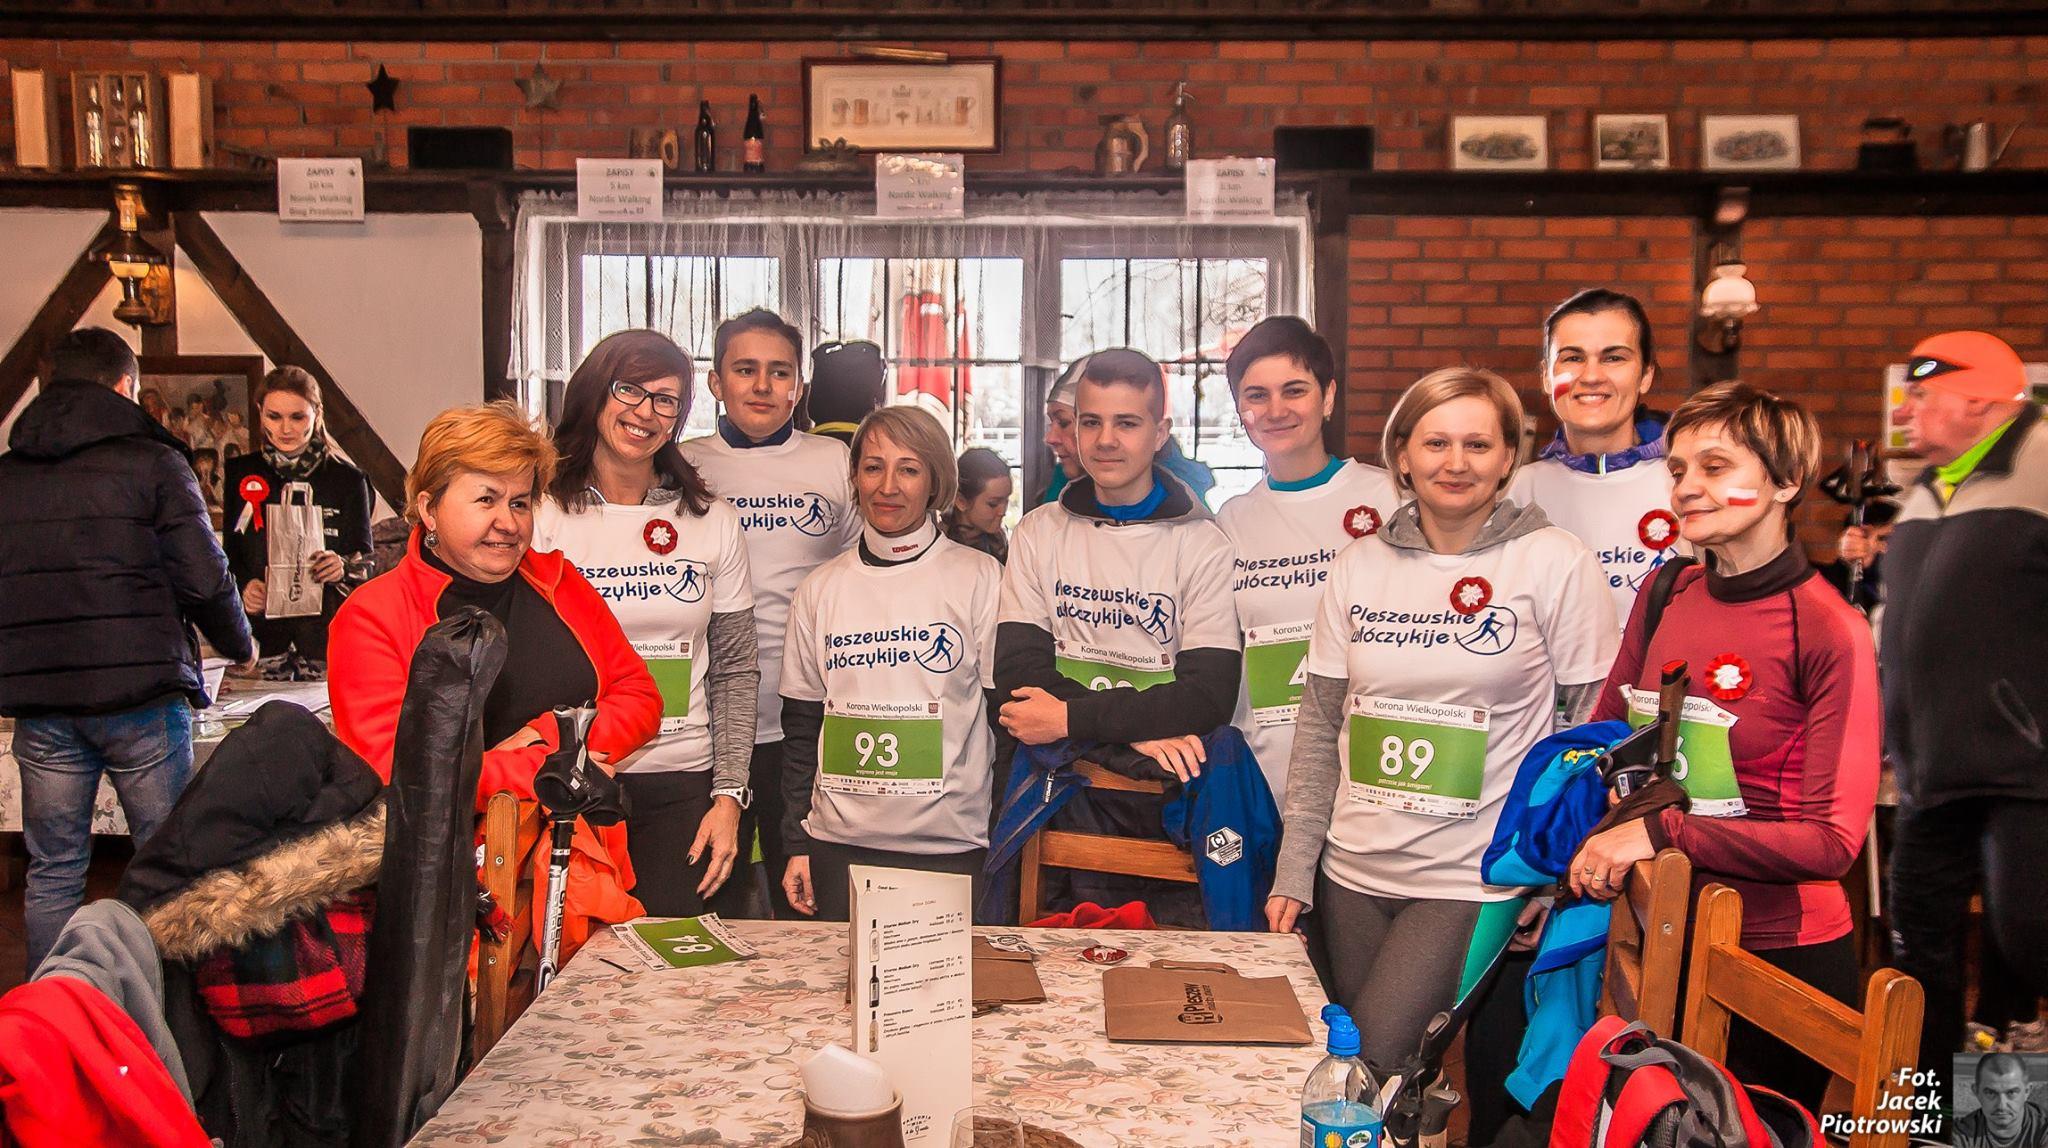 III Korona Wielkopolski Pleszew Zawidowice Fitness Klub Active Fit Pleszew 3